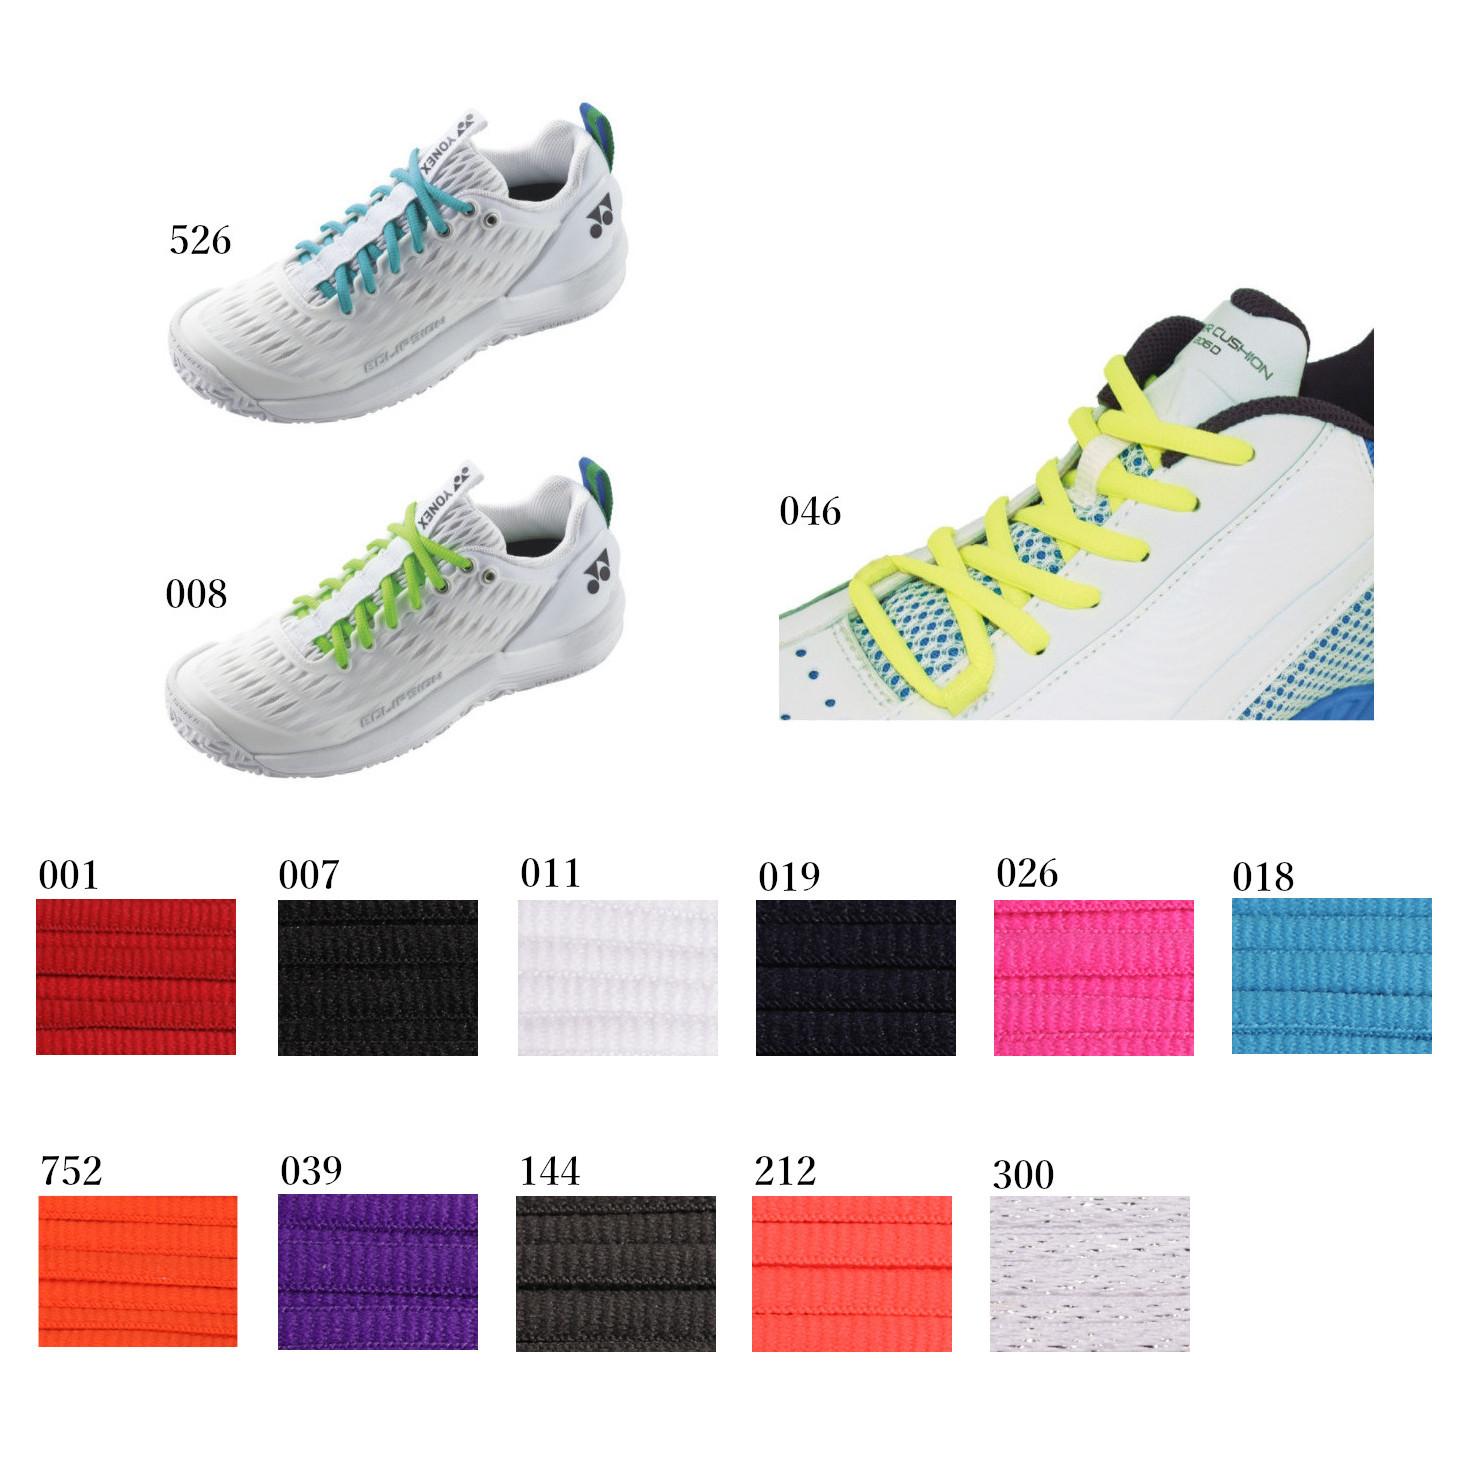 ヨネックスオーバルシューレースAC570 バドミントン テニス シューズ 靴ひも シューレース YONEXゆうパケット対応